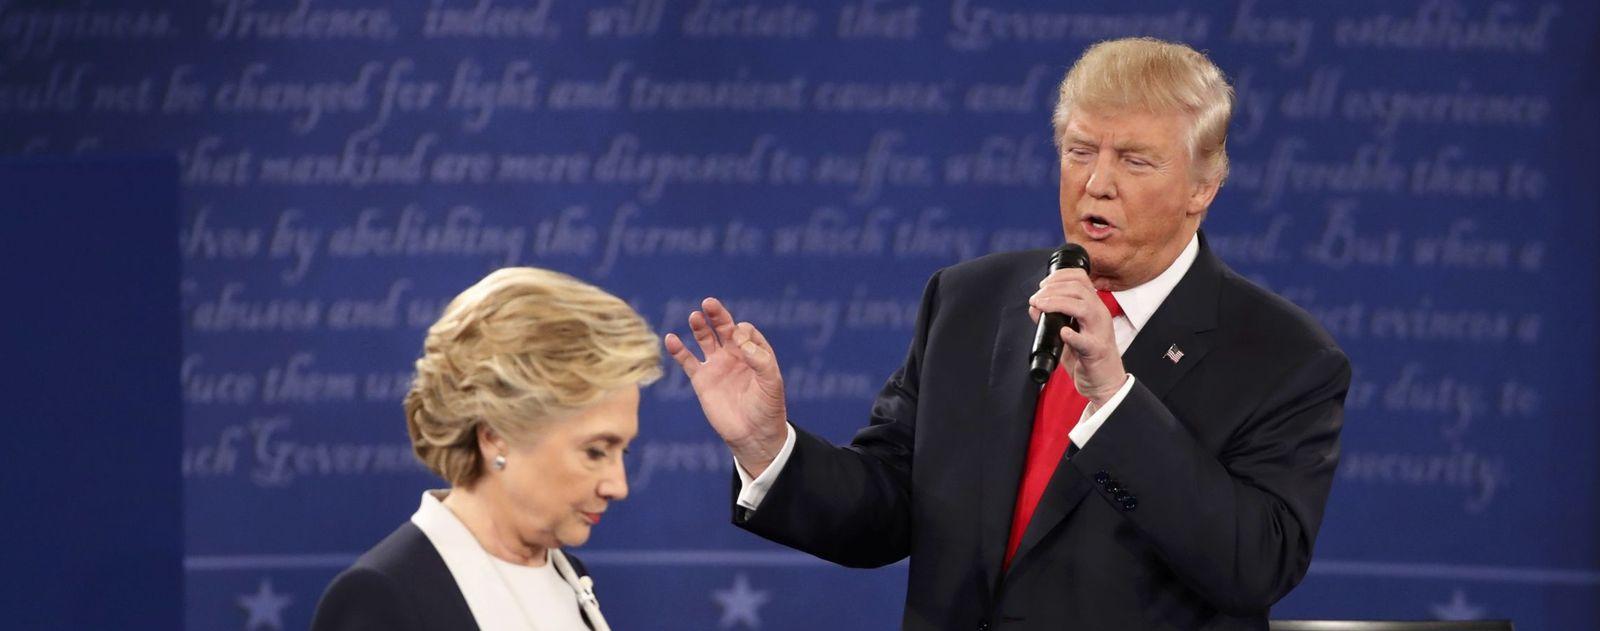 Foto: El candidato republicano, Donald Trump, mientras responde a una pregunta durante el segundo debate presidencial (Reuters).